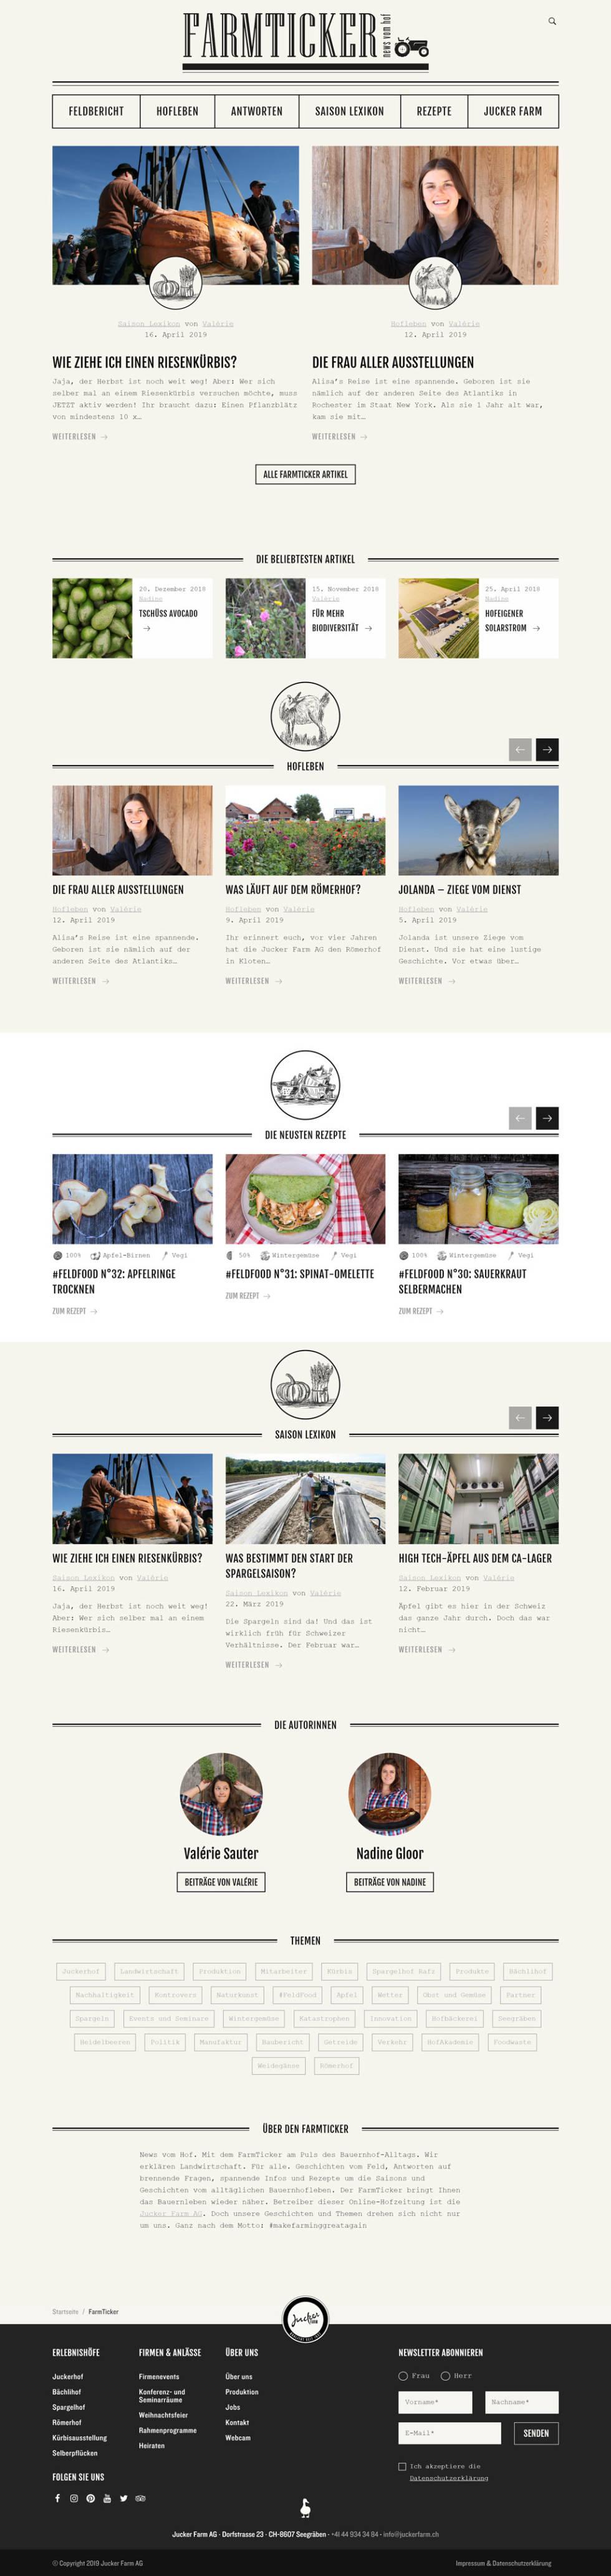 Image of Jucker Farm Website